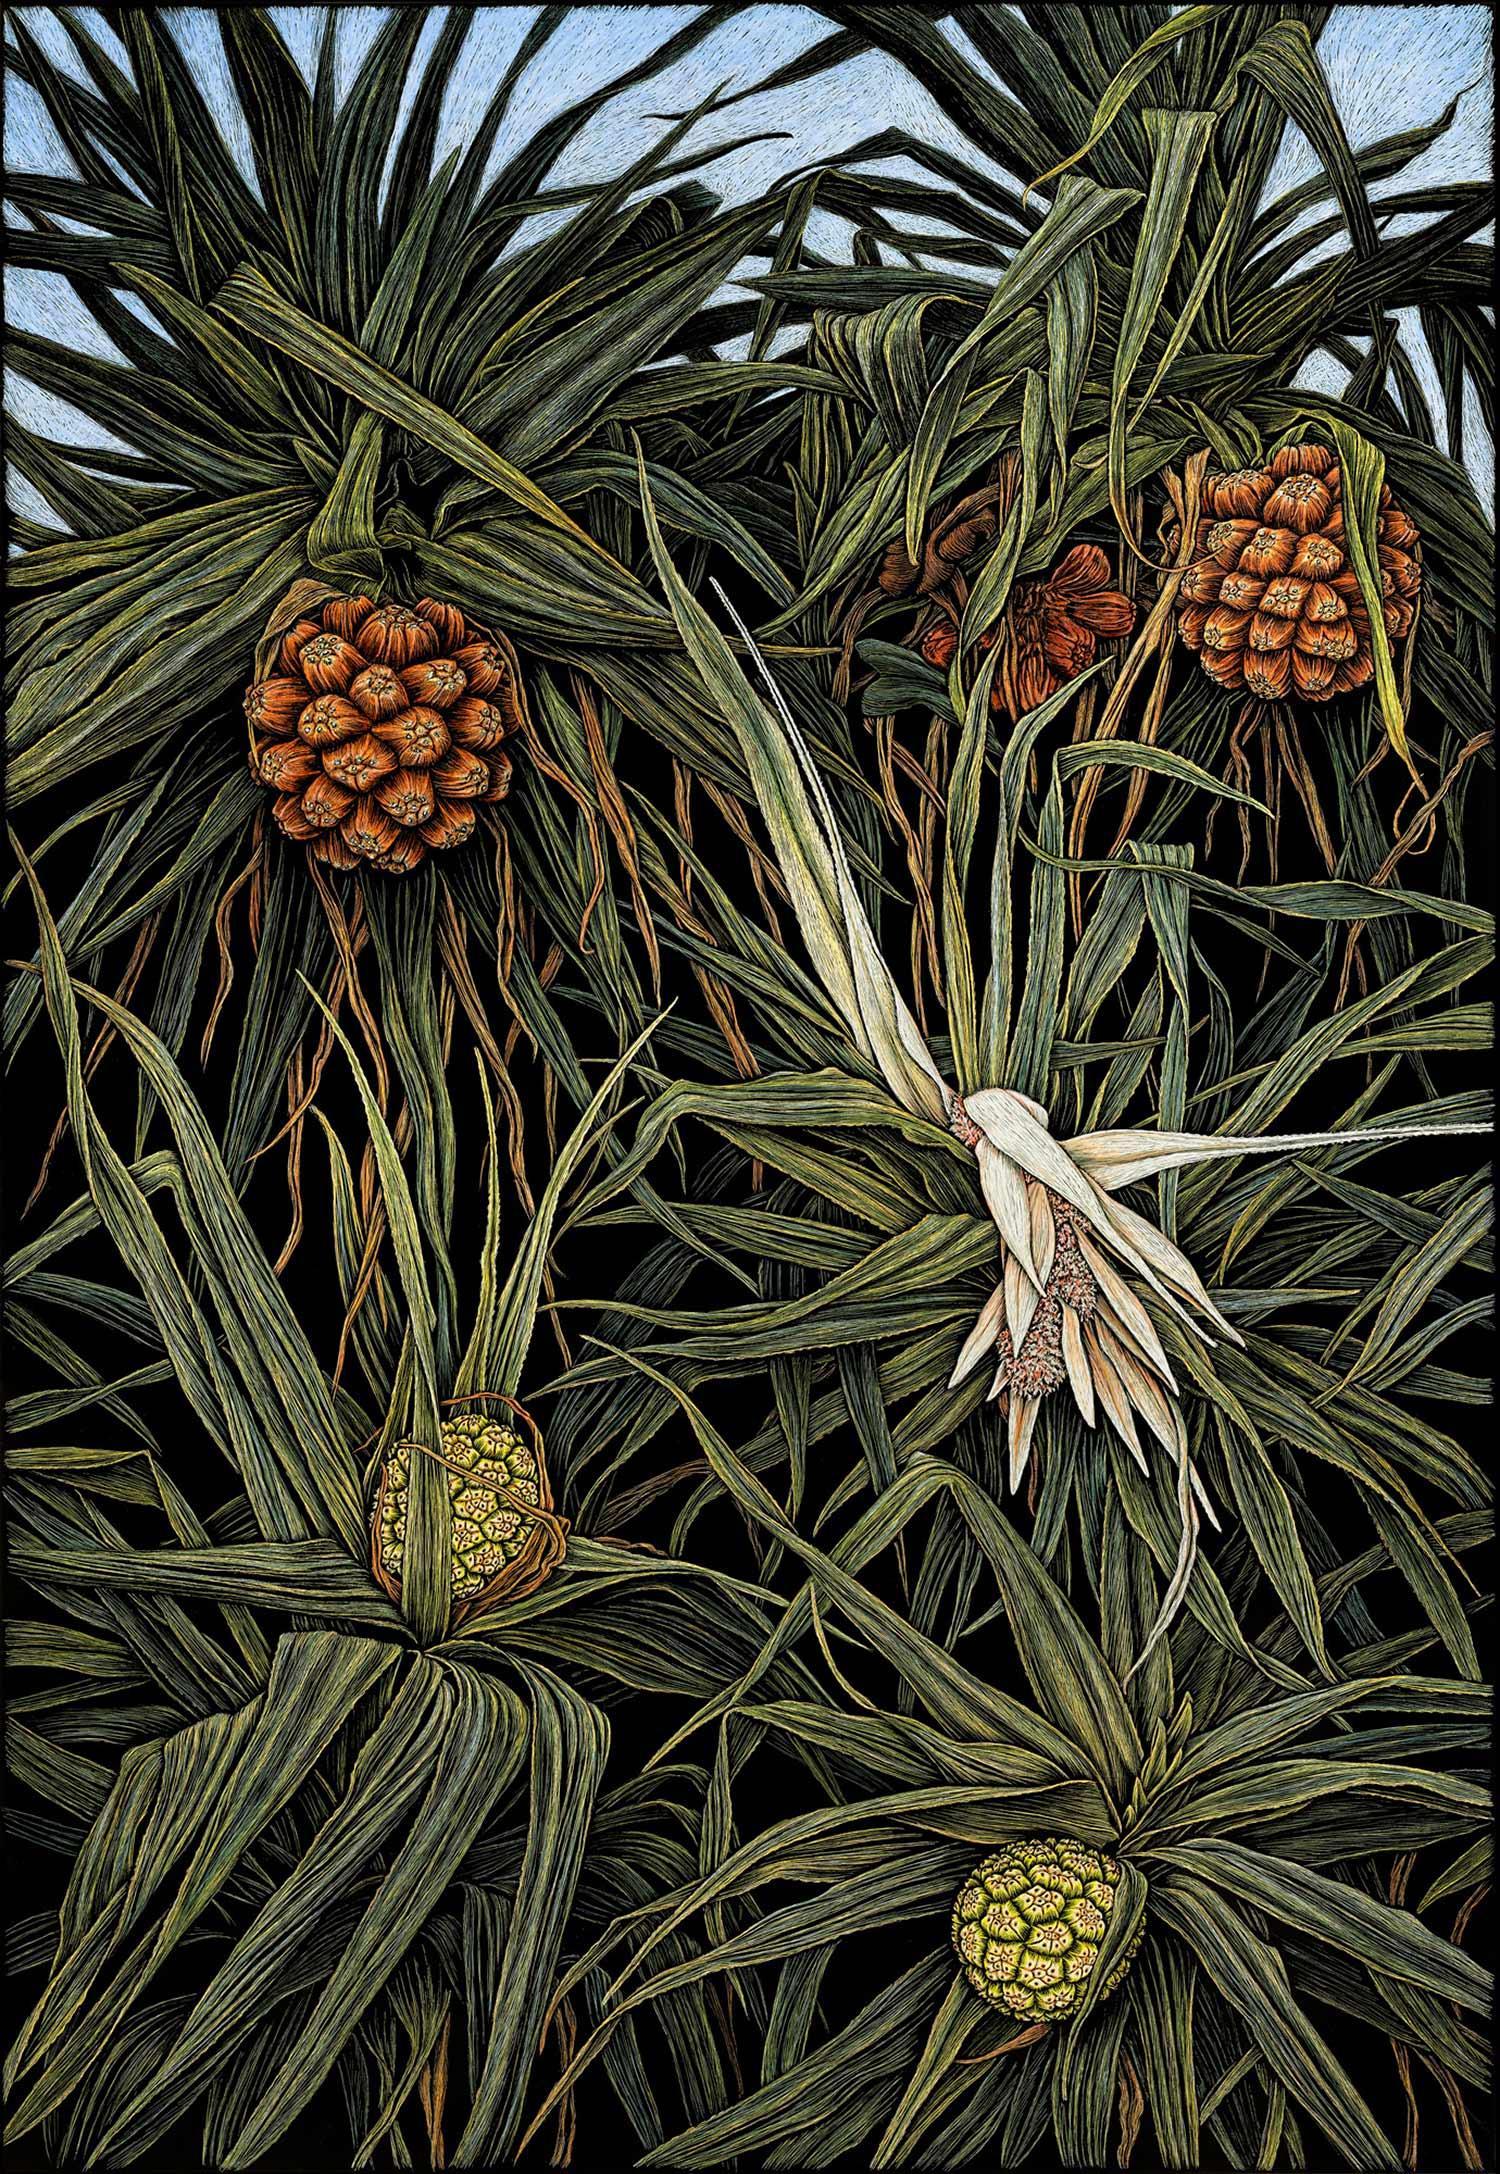 pandanus-in-flower-colour-engraving-rachel-newling.jpg